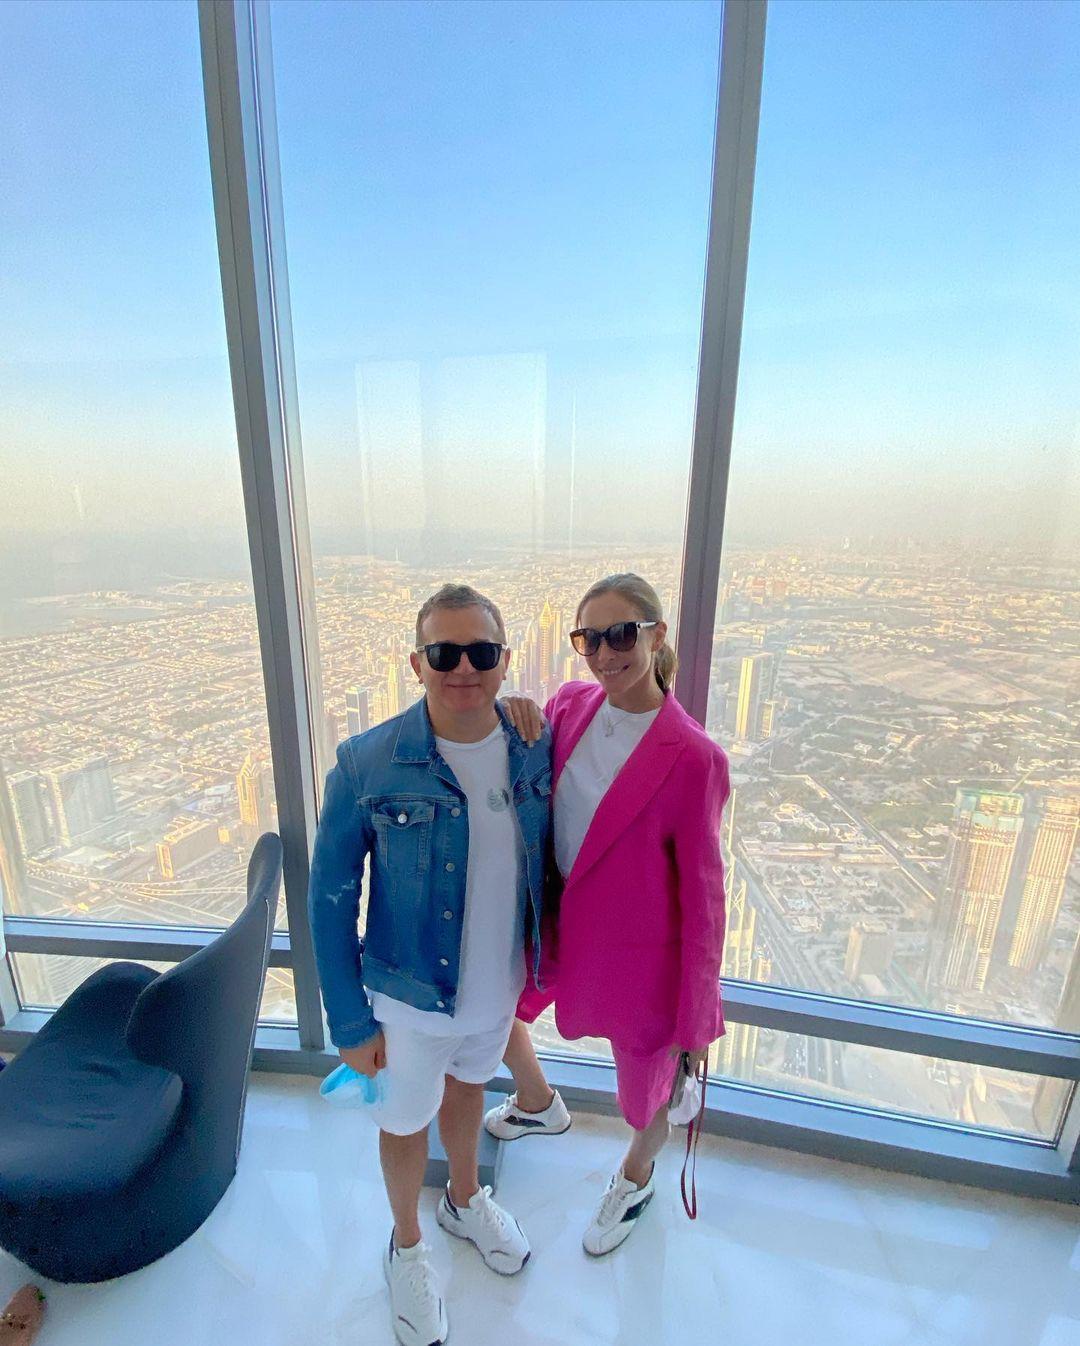 На яхте и самом высоком небоскребе в мире: Горбунов и Осадчая трепетали от отпуска в Дубае